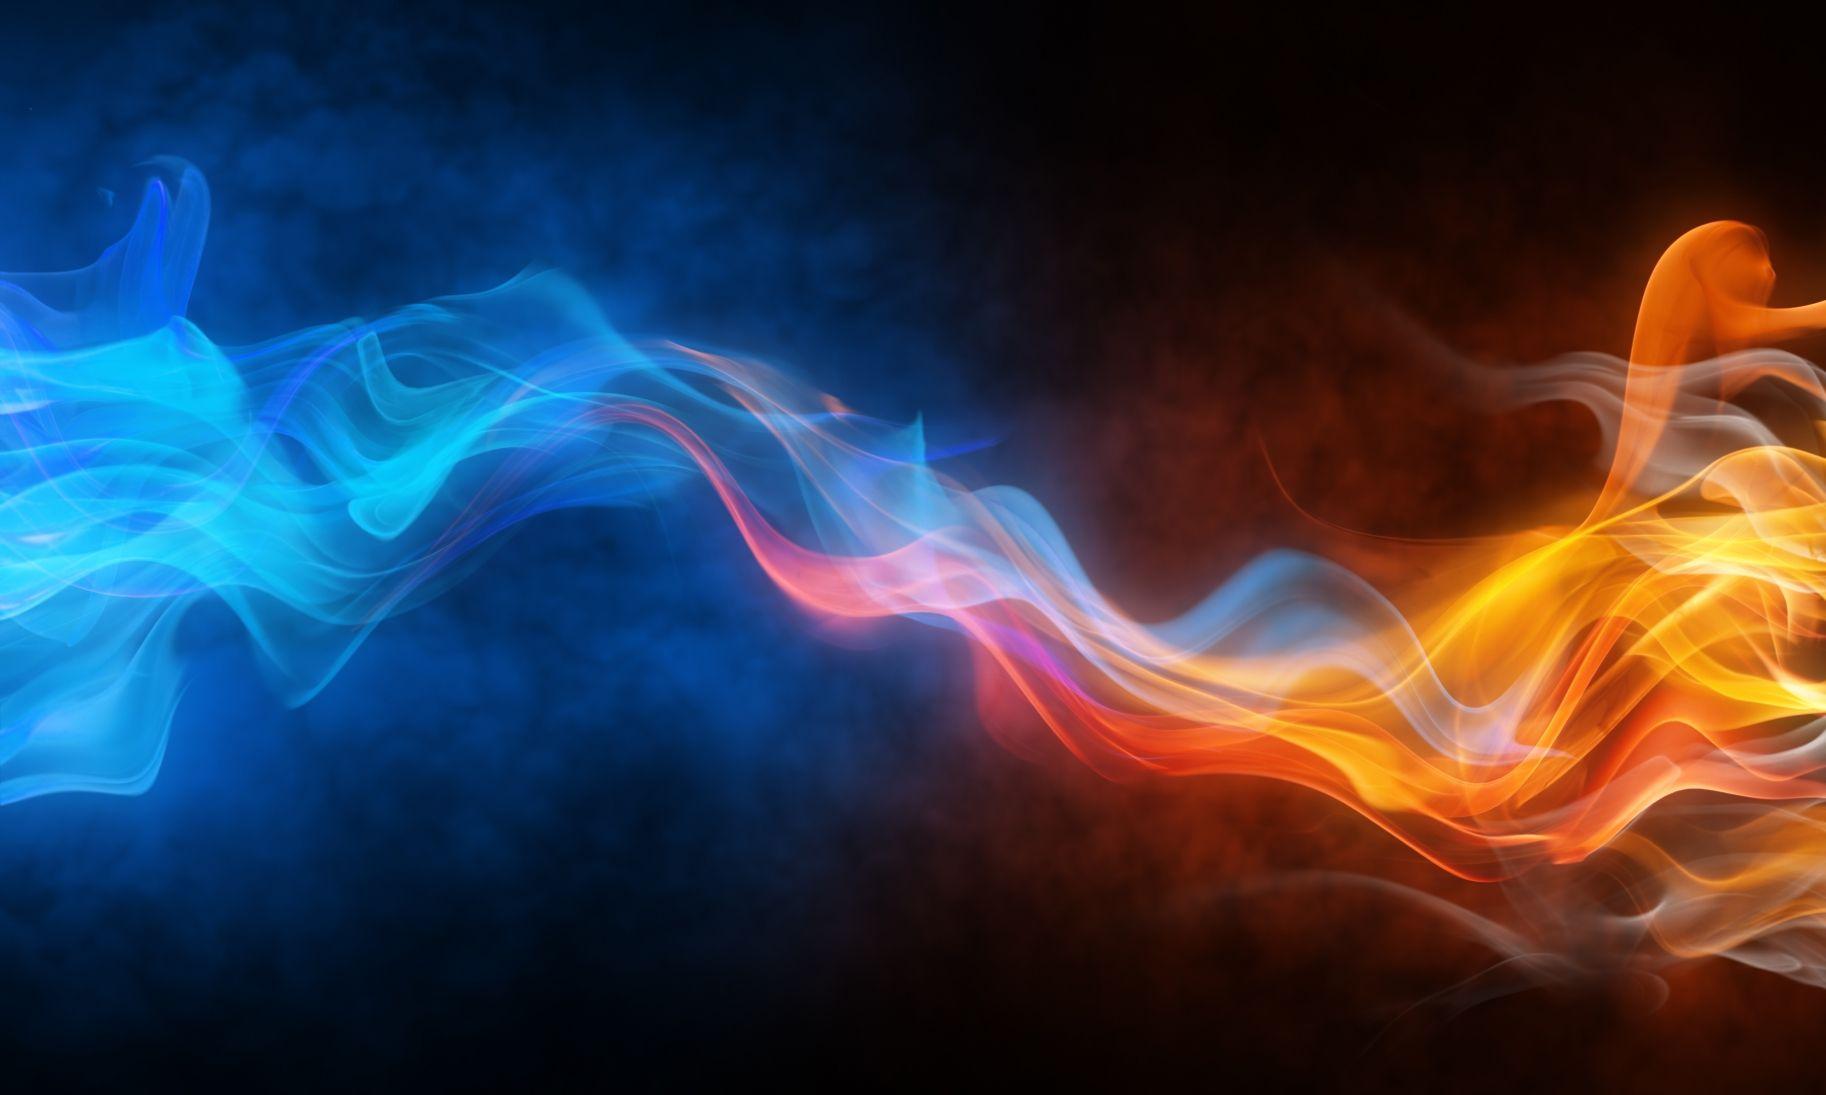 The Spirit Intercedes